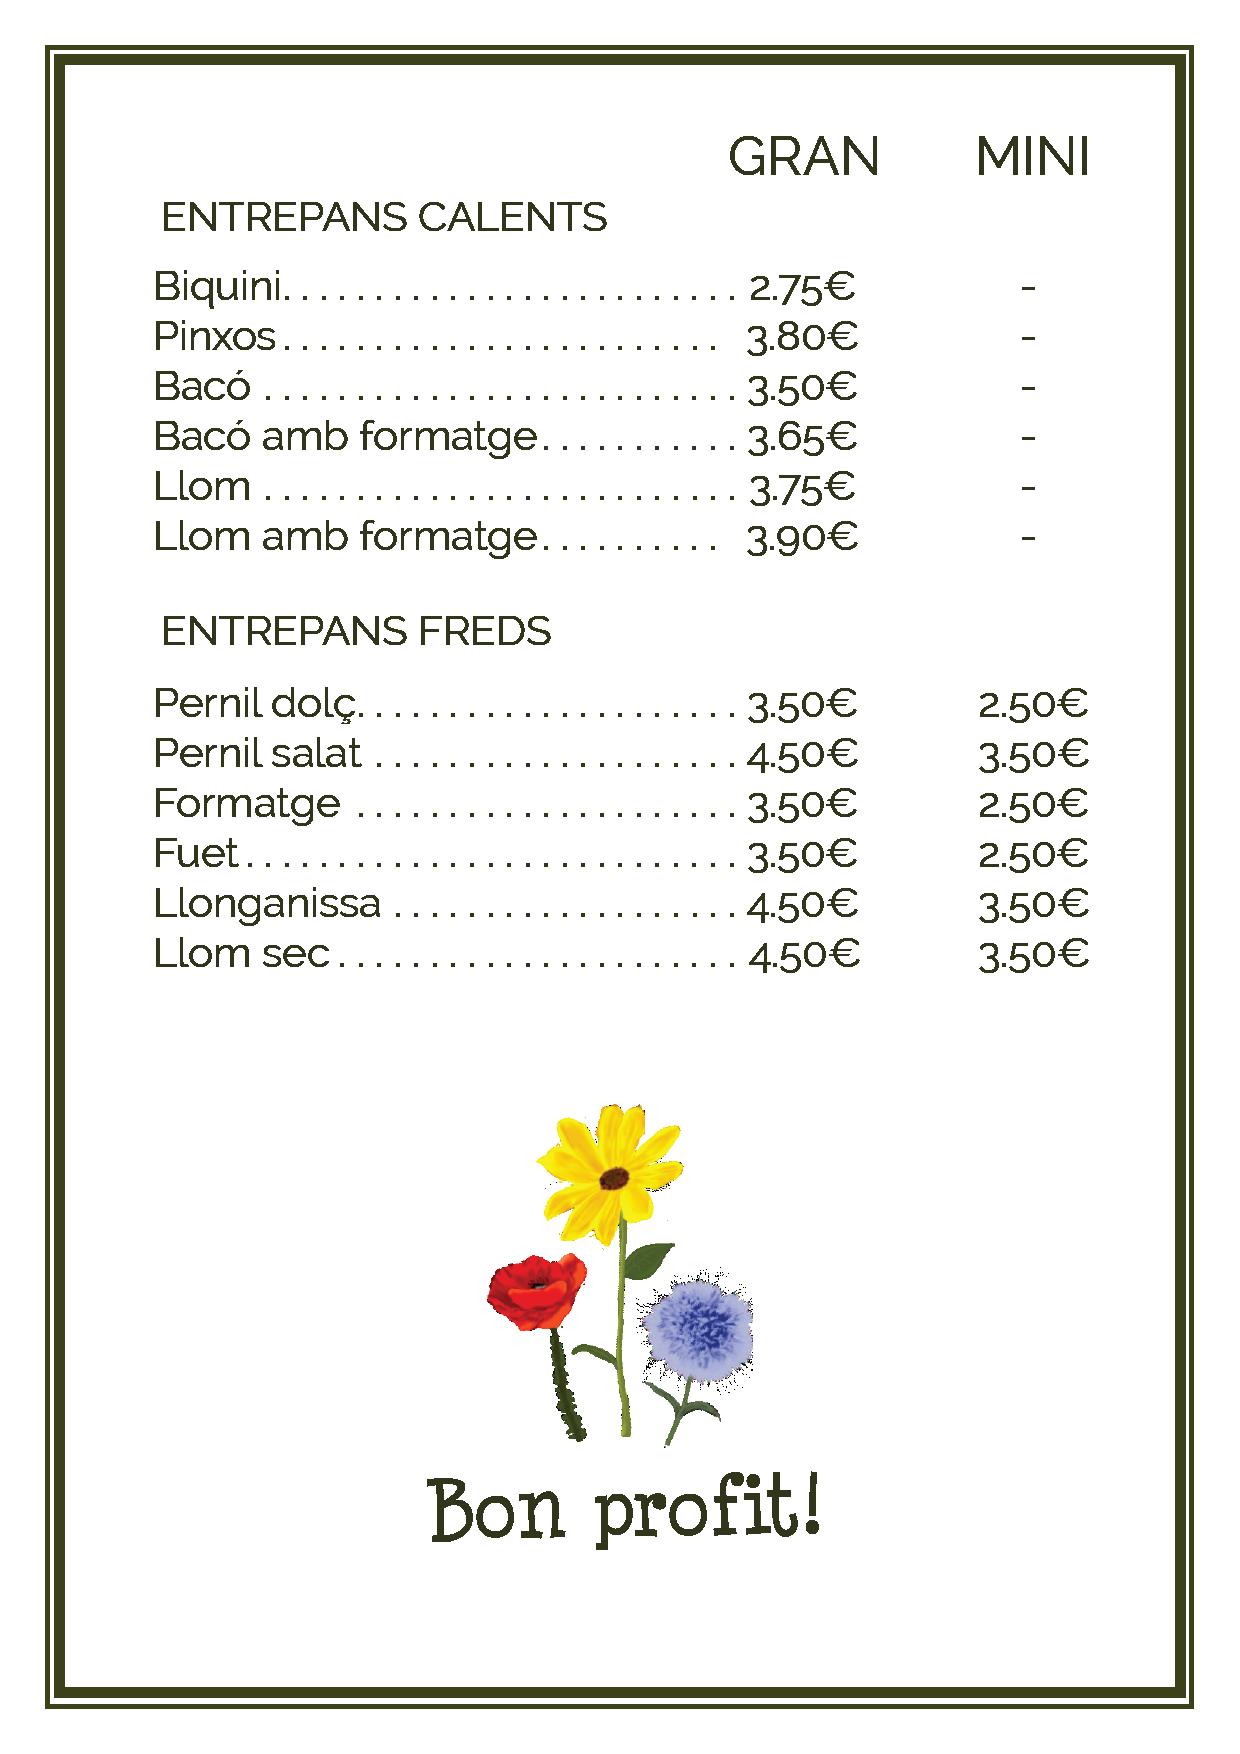 carta entrepans picnic les 3 flors